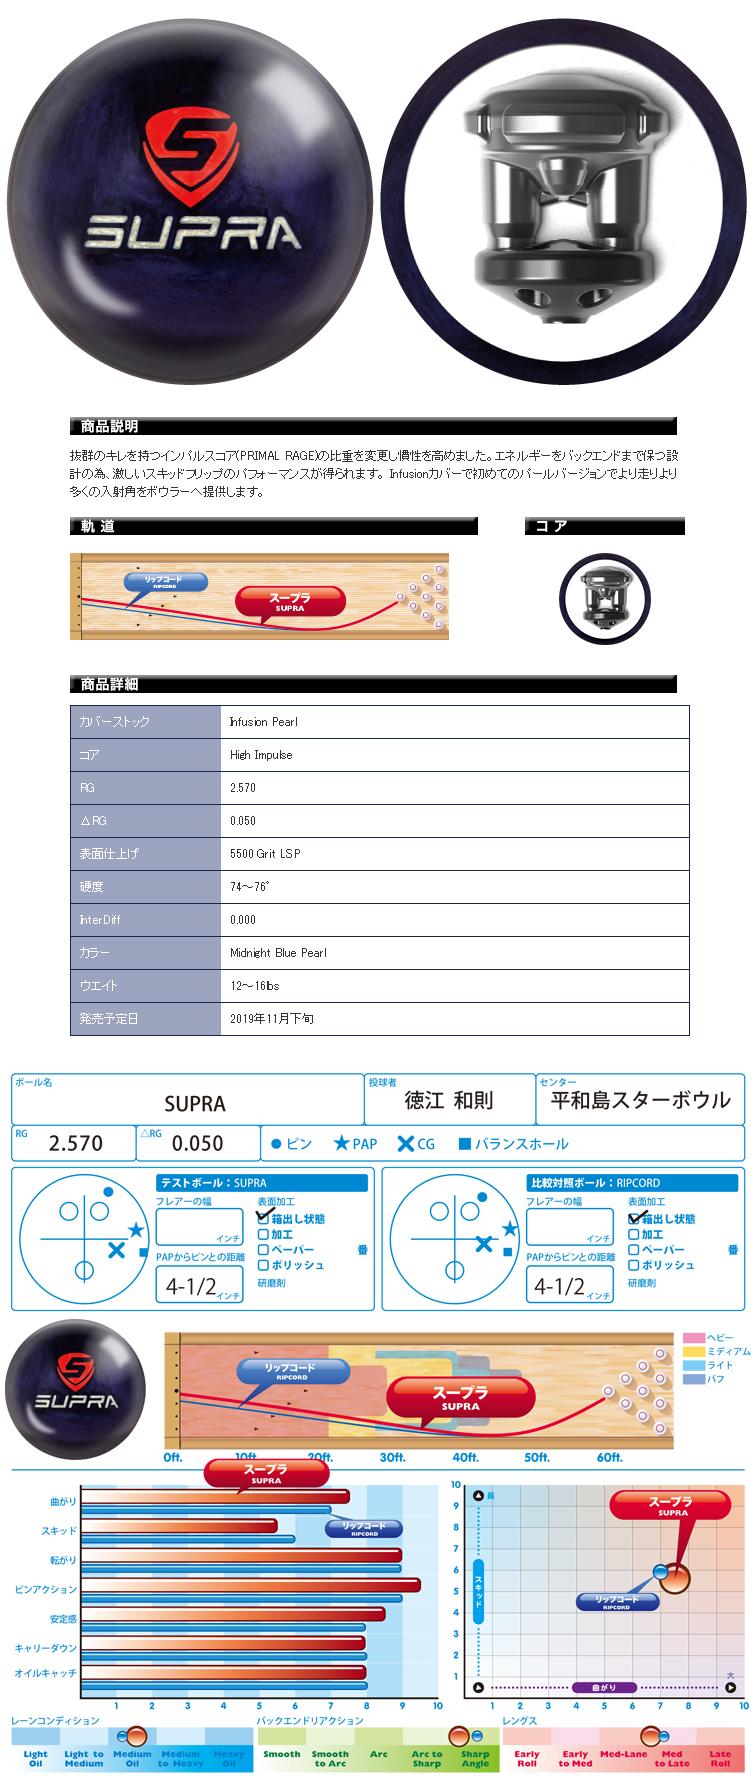 ボウリング用品 ボウリングボール モーティブ MOTIV スープラ SUPRA